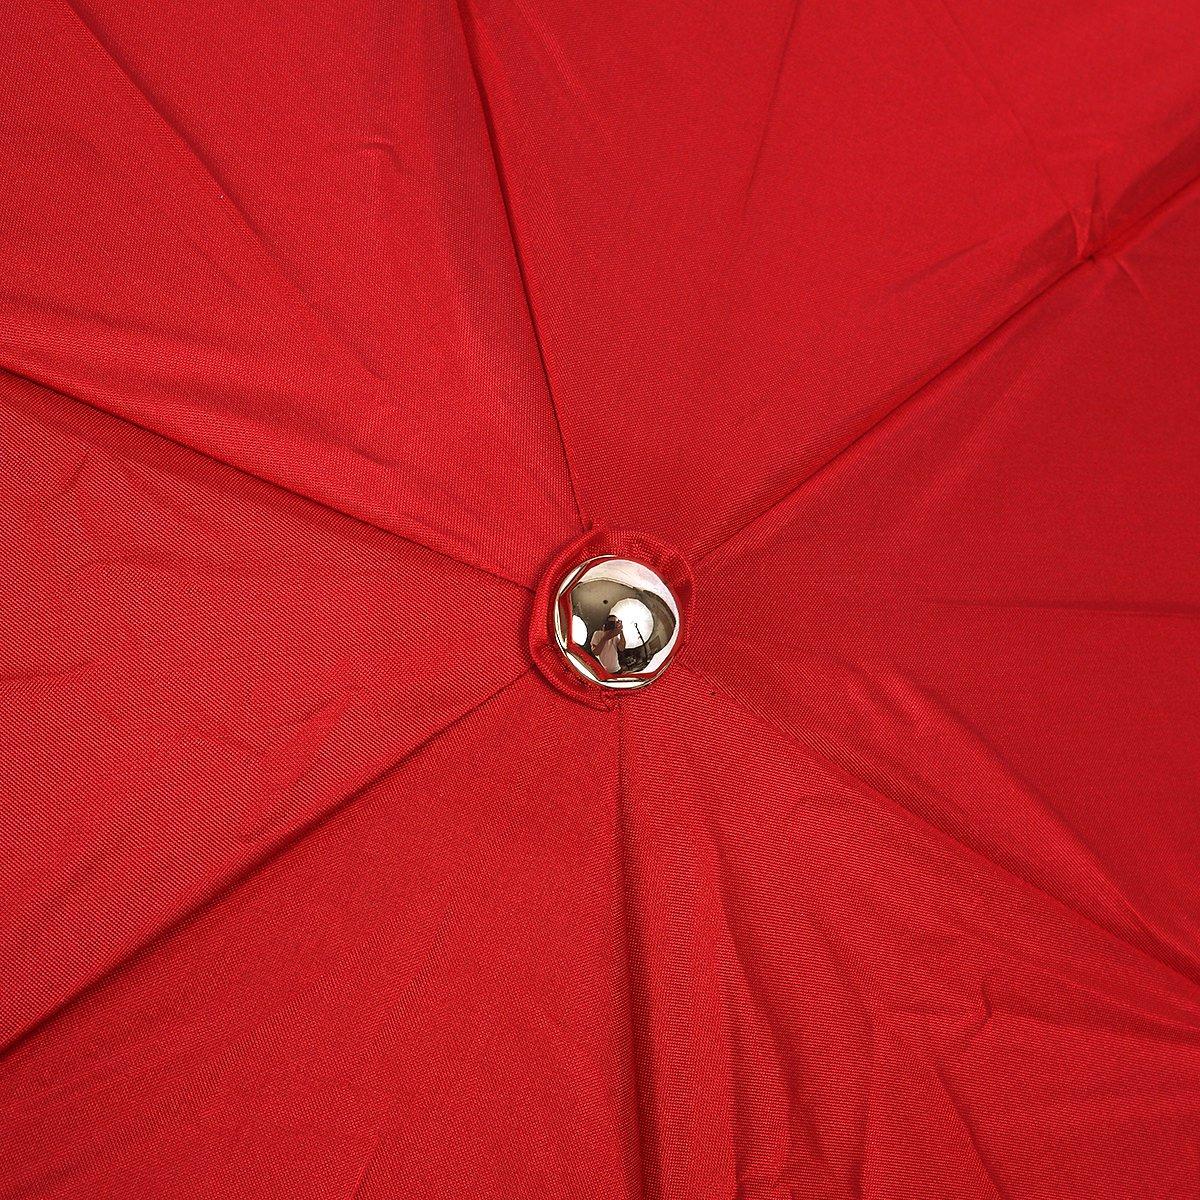 東京ノーブル 無地 折りたたみ傘 詳細画像26